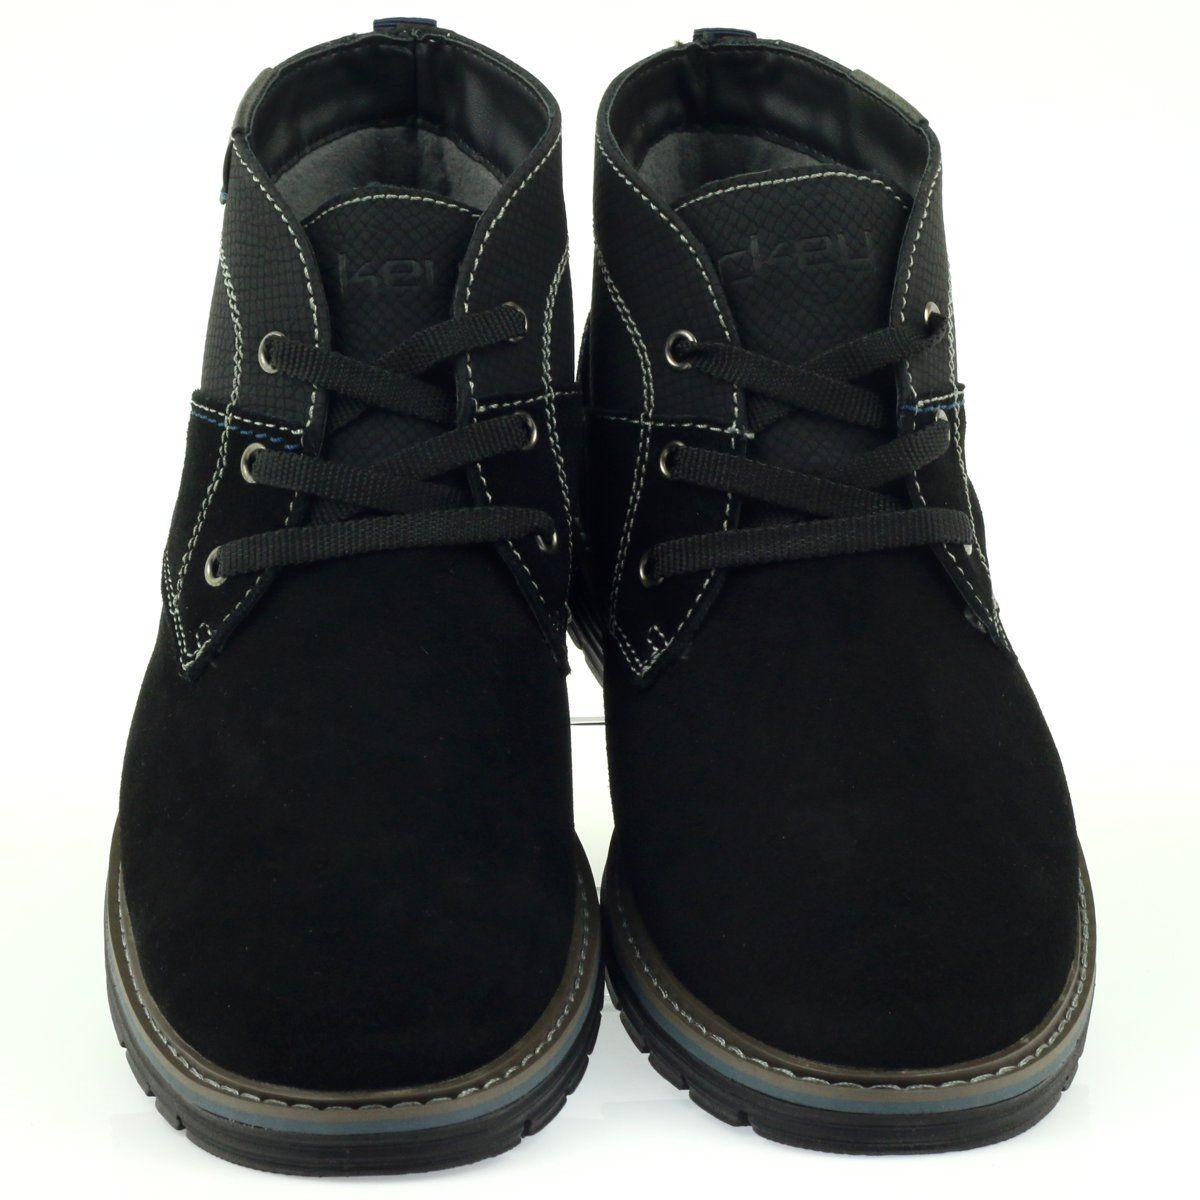 Sztyblety Meskie Mckey Mckey Czarne Trzewiki Meskie Zamszowe Wiazane 284 Chelsea Boots Men Ankle Shoes Suede Leather